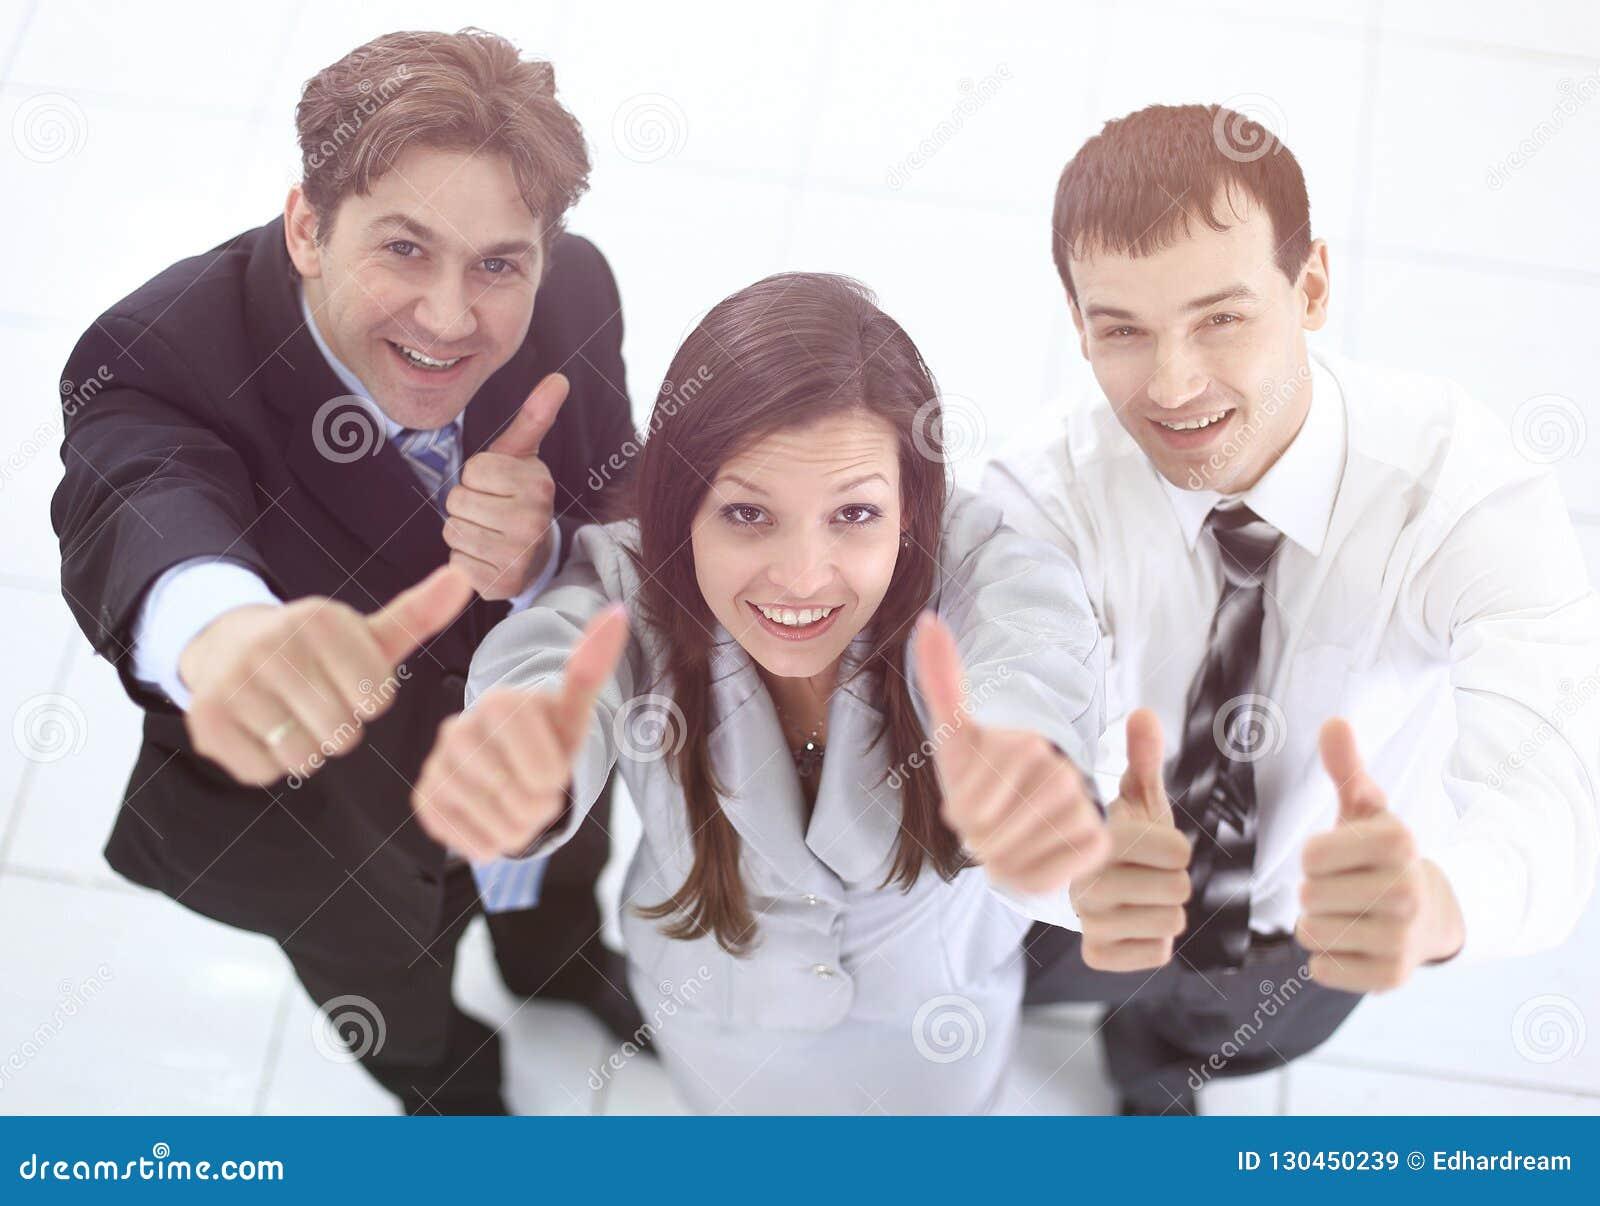 дело показывая успешные большие пальцы руки команды вверх